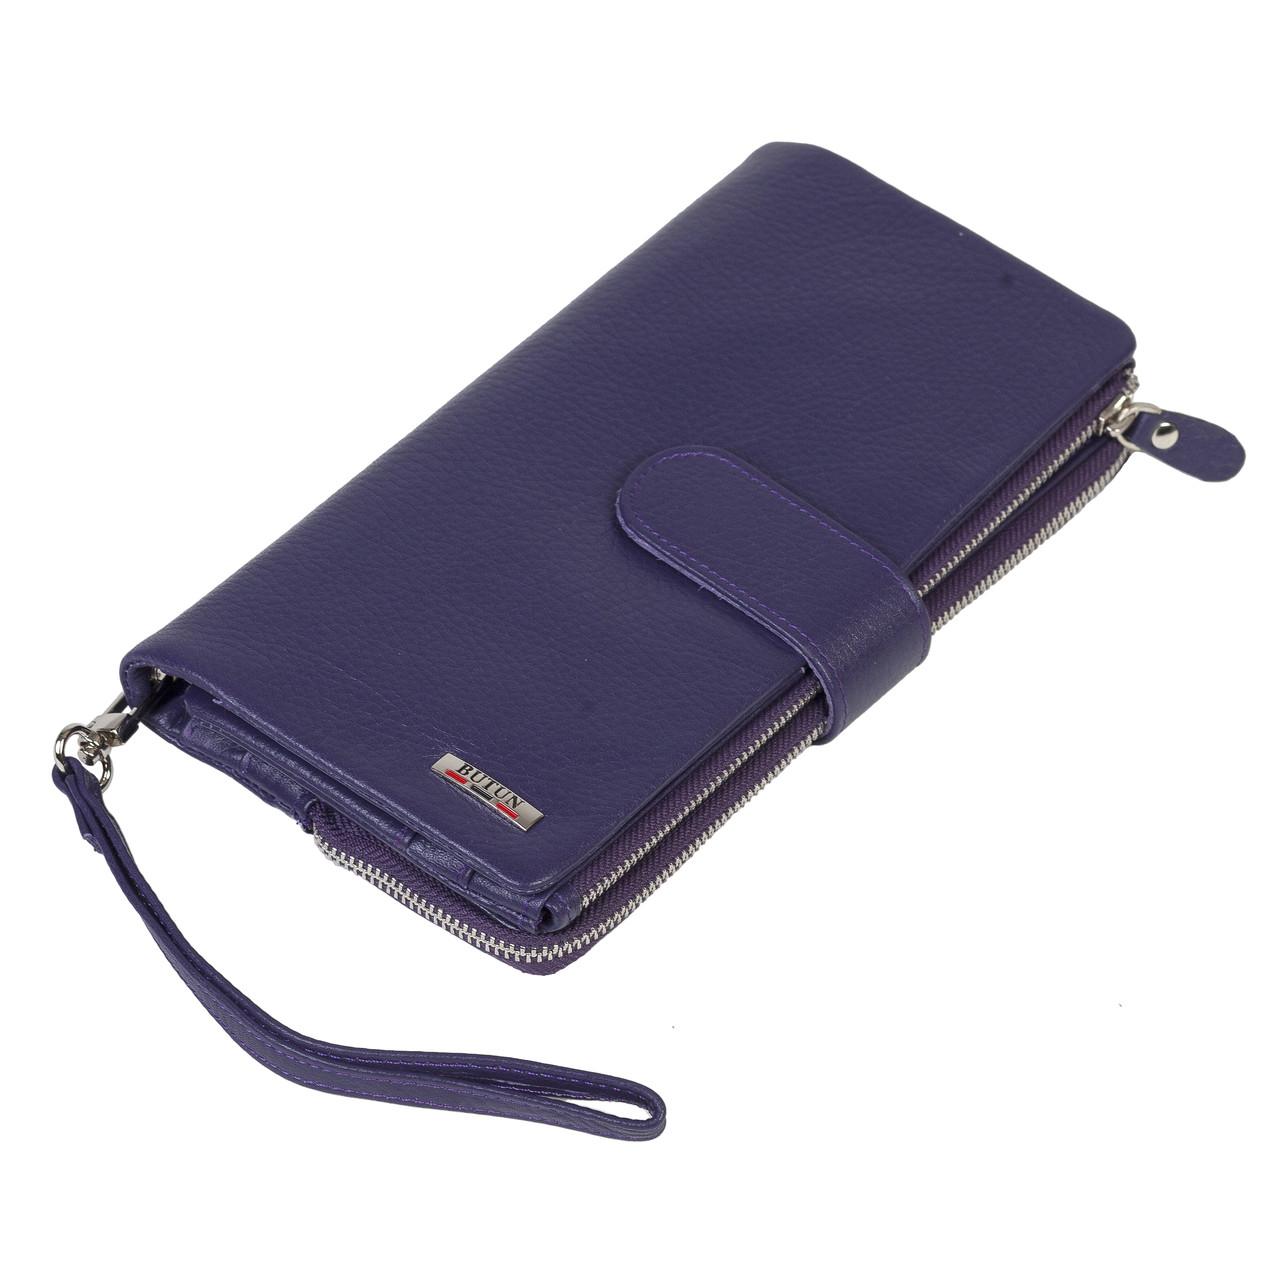 Жіночий гаманець клатч BUTUN 022-004-010 шкіряний фіолетовий